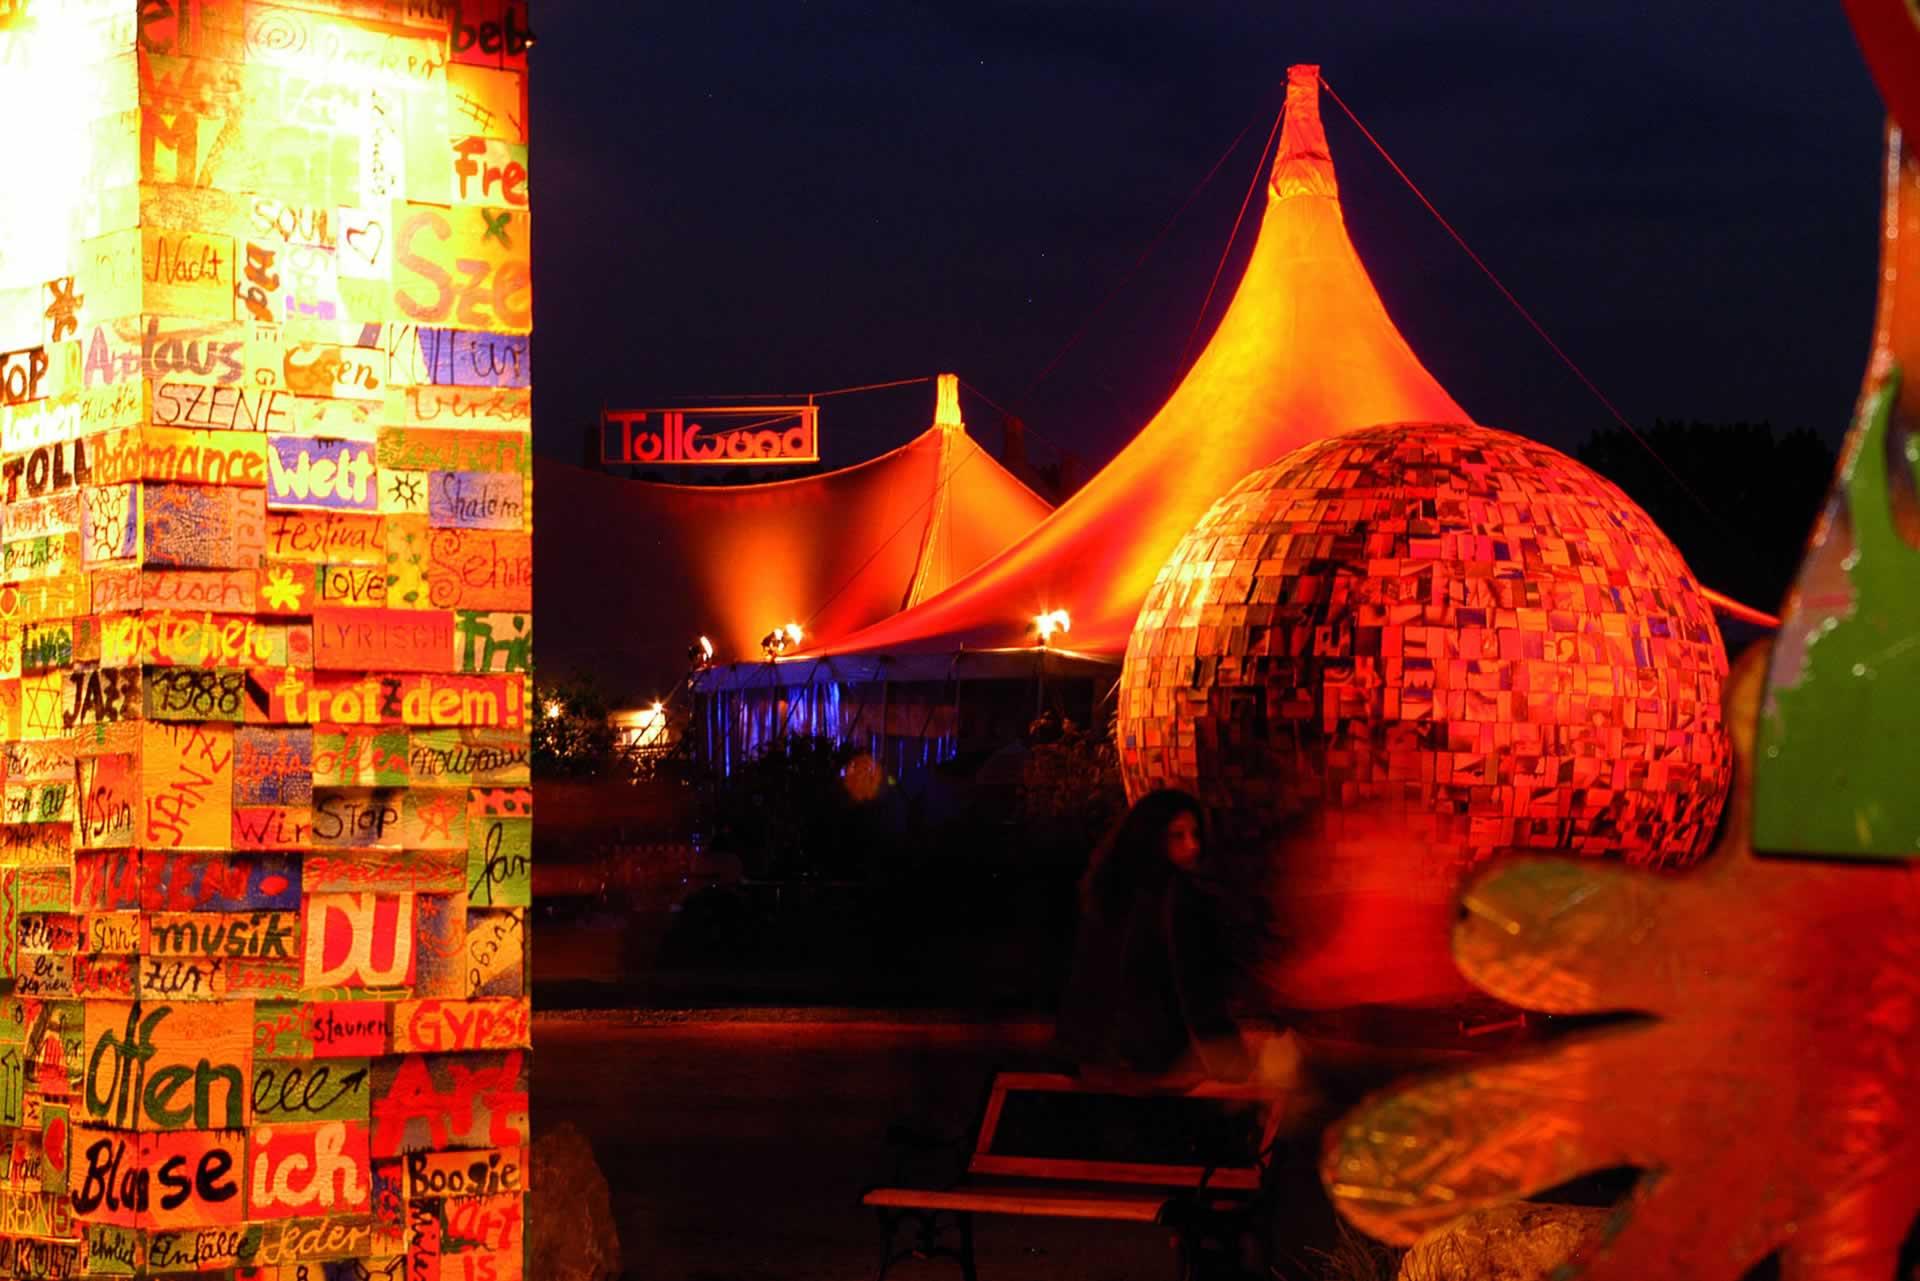 Tollwood Winterfestival Widescreen